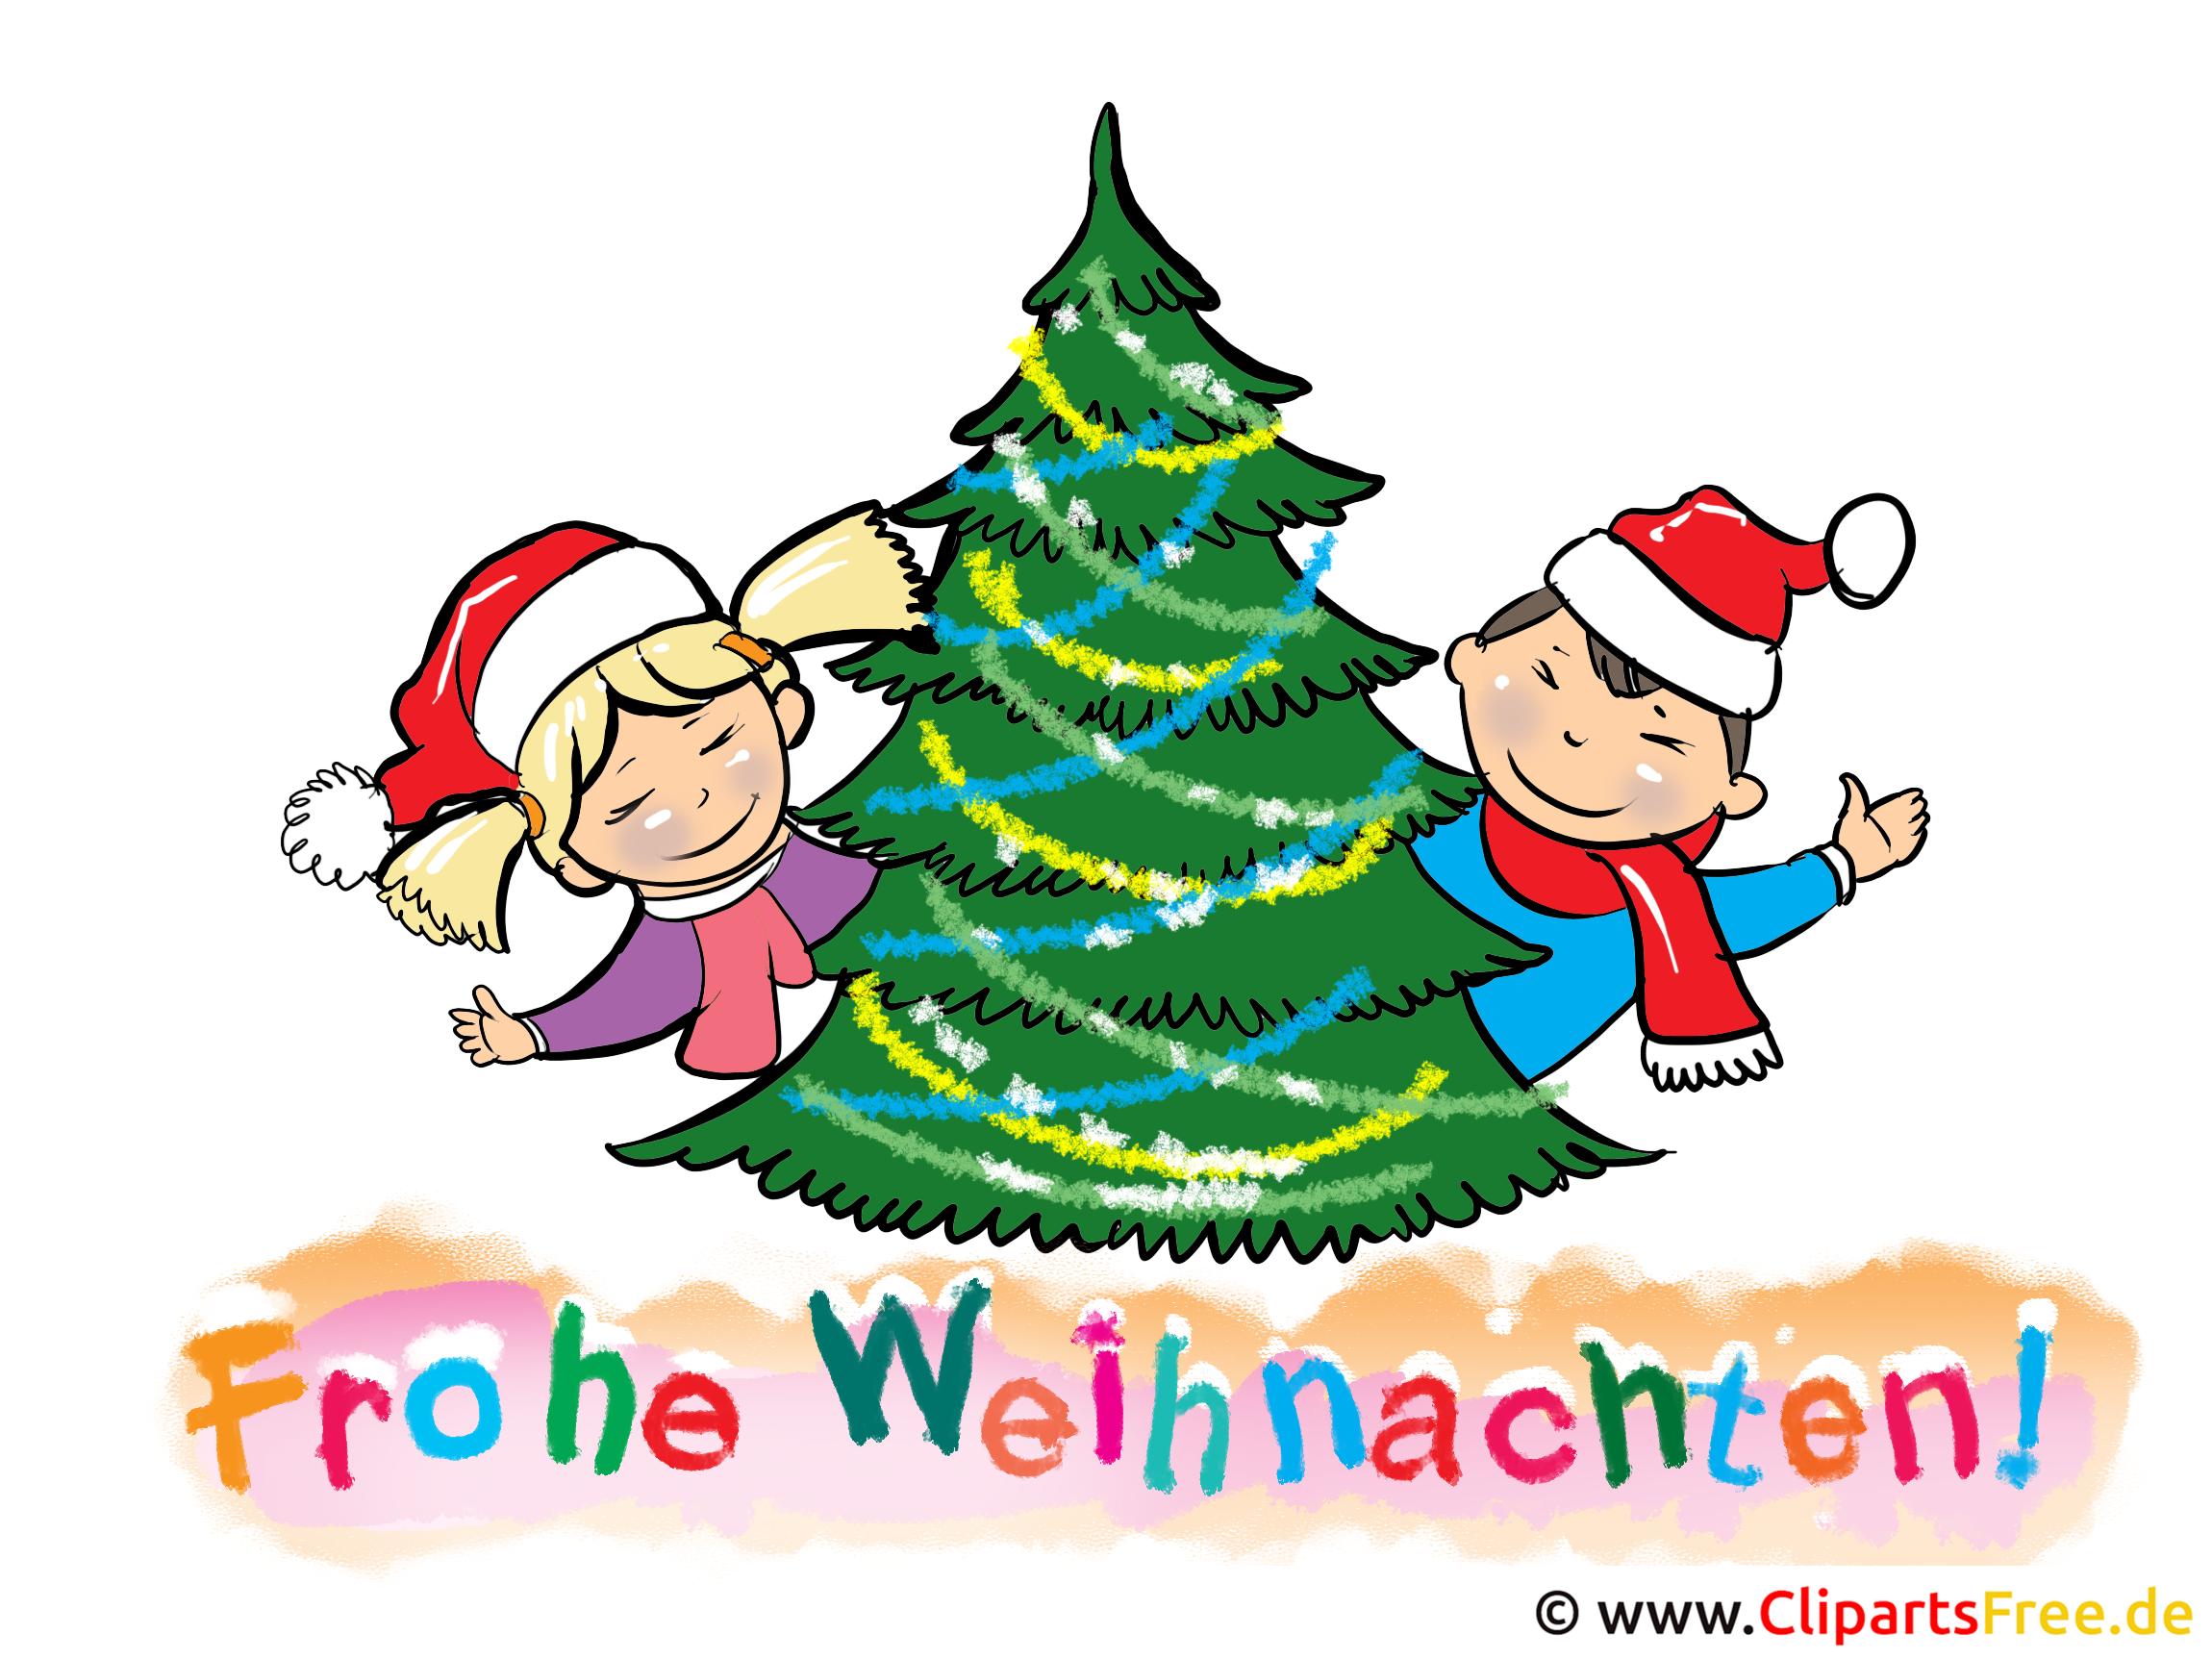 Weihnachten Bilder kostenlos download